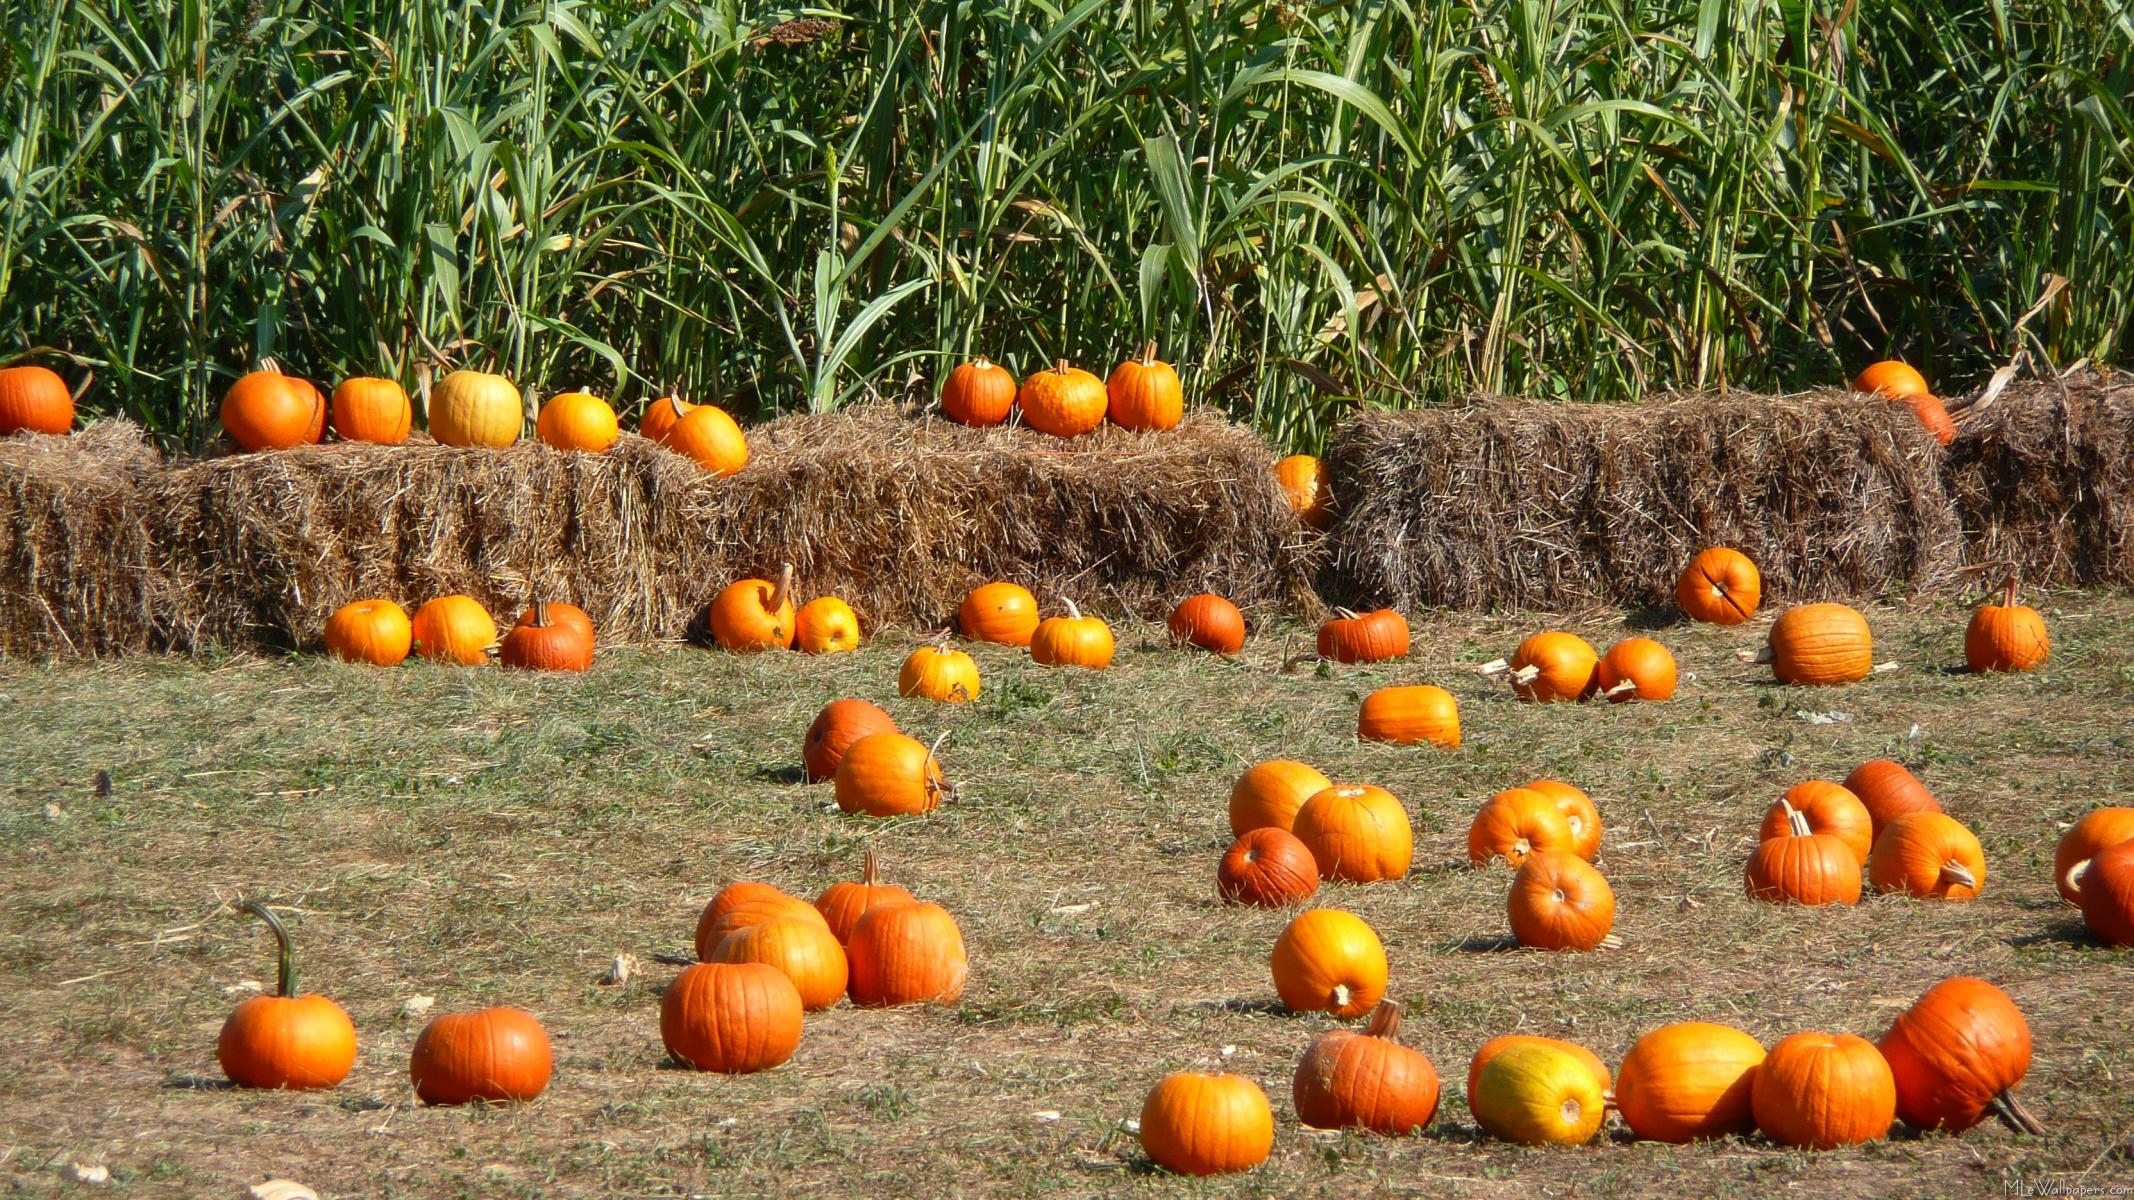 Pumpkins corn and hay - Fall wallpaper pumpkins ...